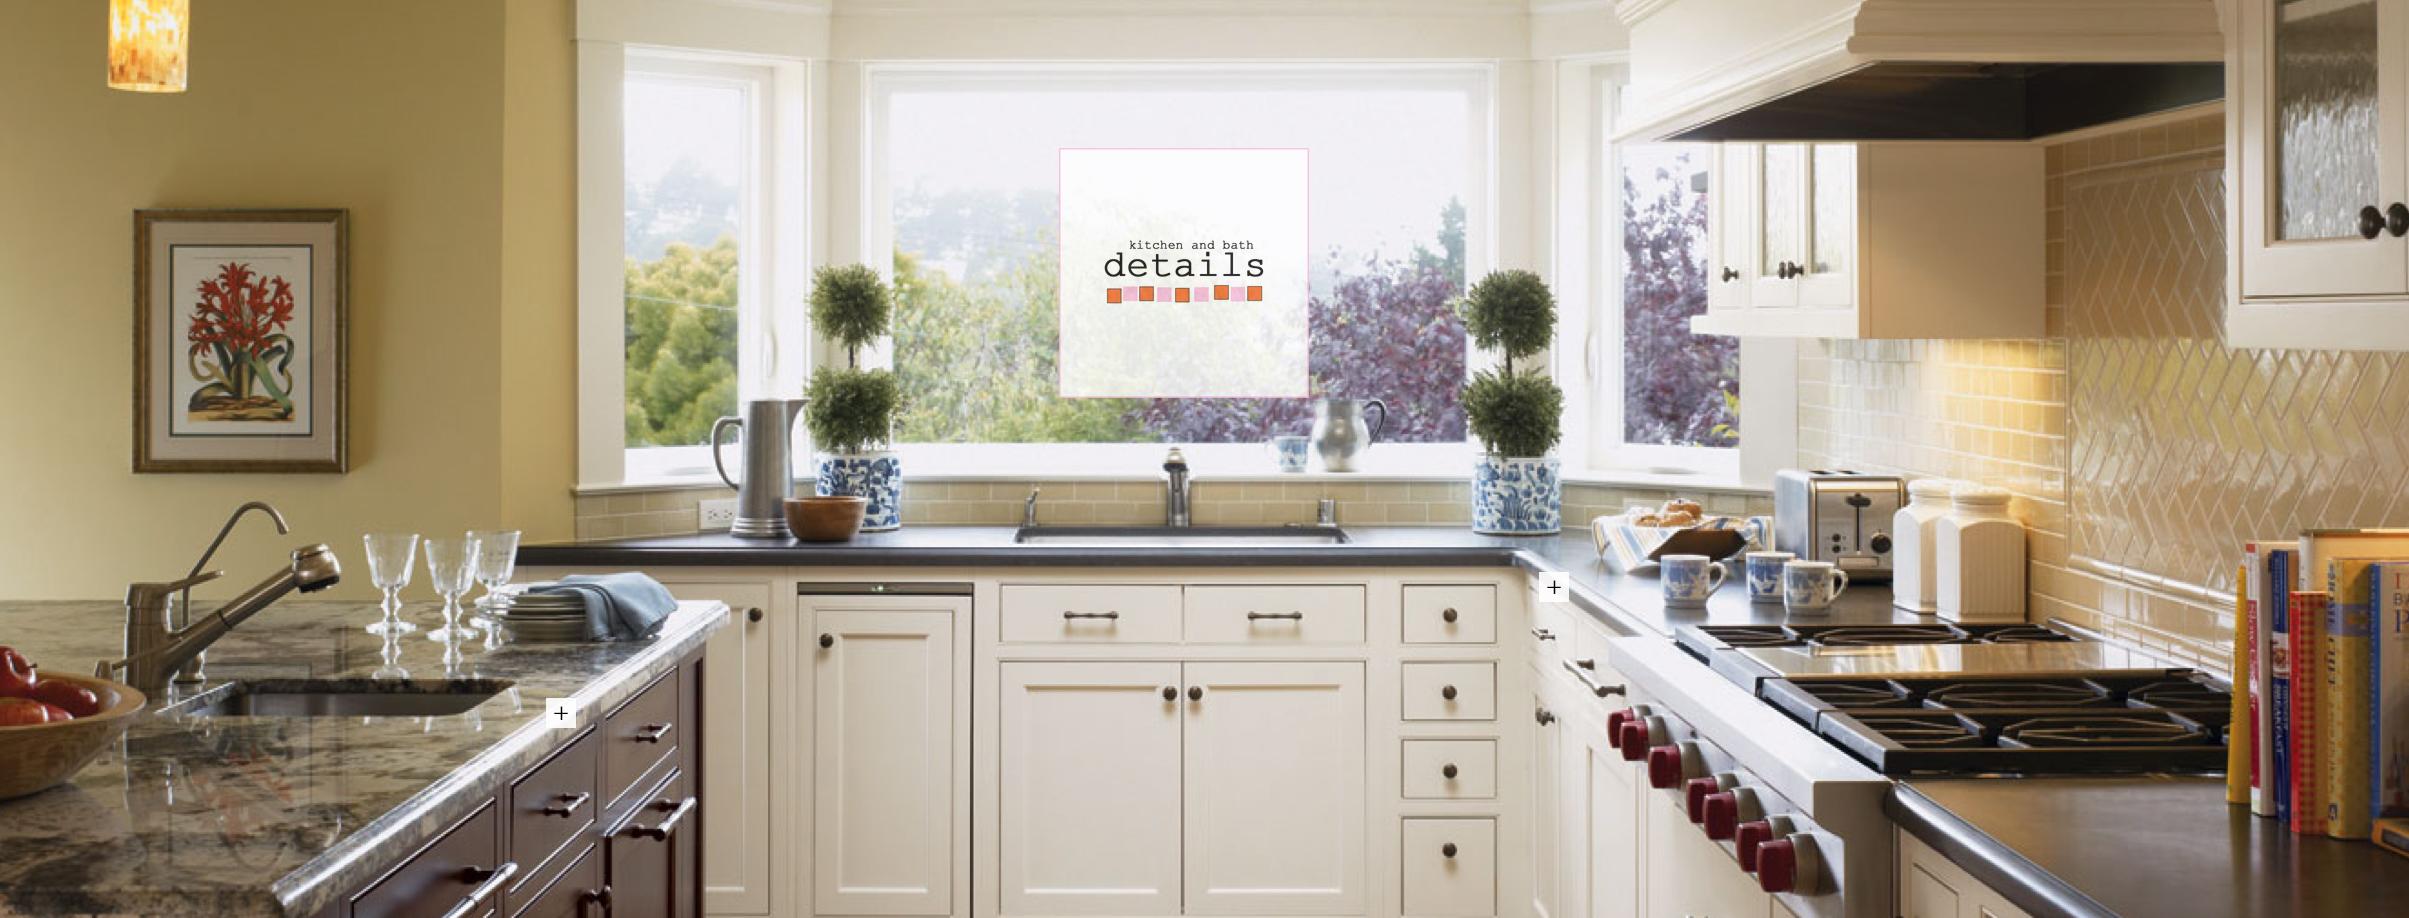 Custom Designed Kitchens Kb Details Introducing Embassy